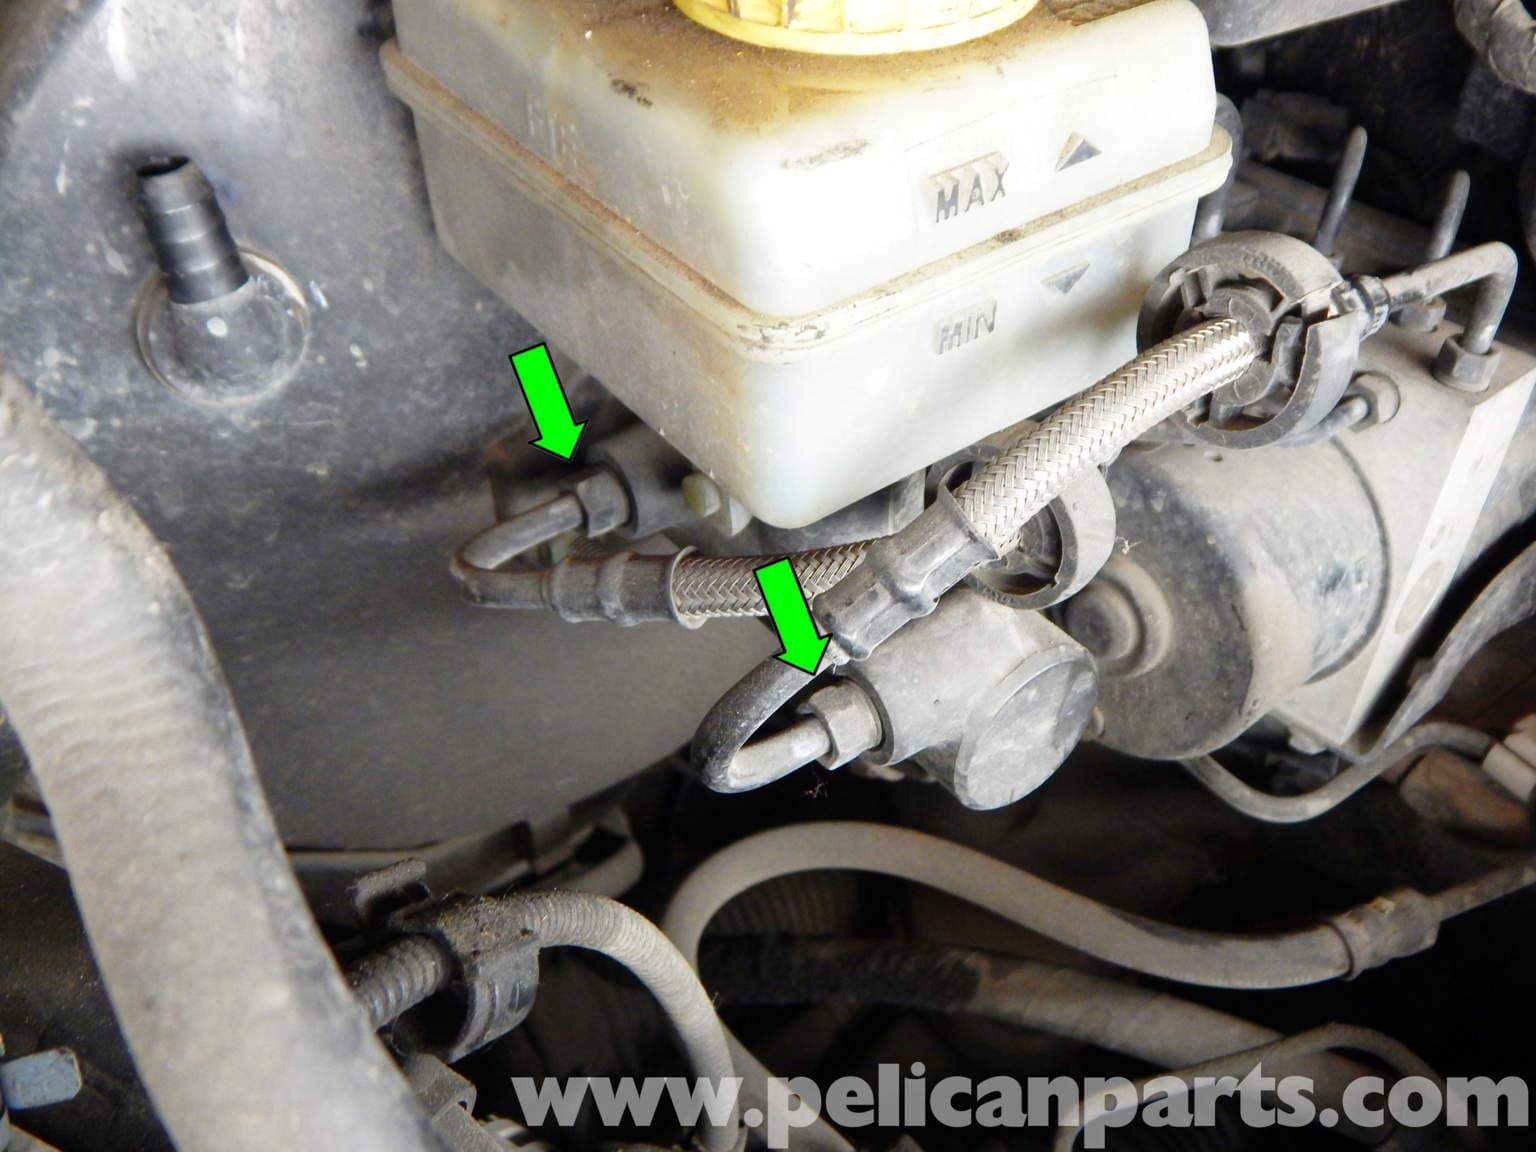 Volkswagen Jetta Mk4 Master Cylinder Replacement   Jetta Mk4 2.0L (1998-2005)   Pelican Parts ...